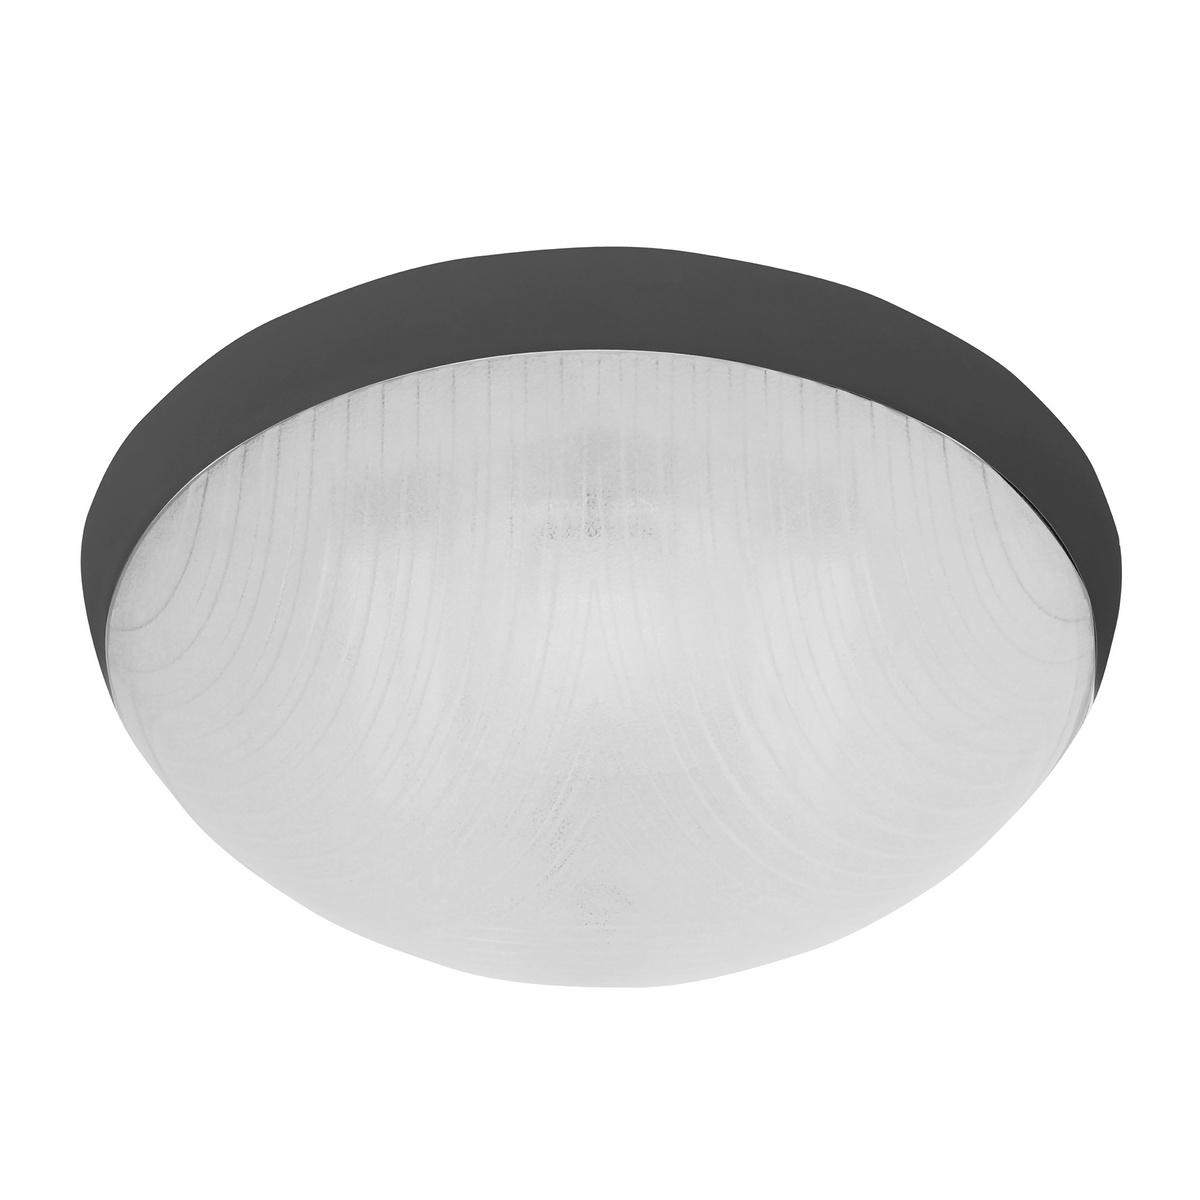 GALIA peisadené stropné a nástenné kruhové svetlo 75W, čierna, Panlux